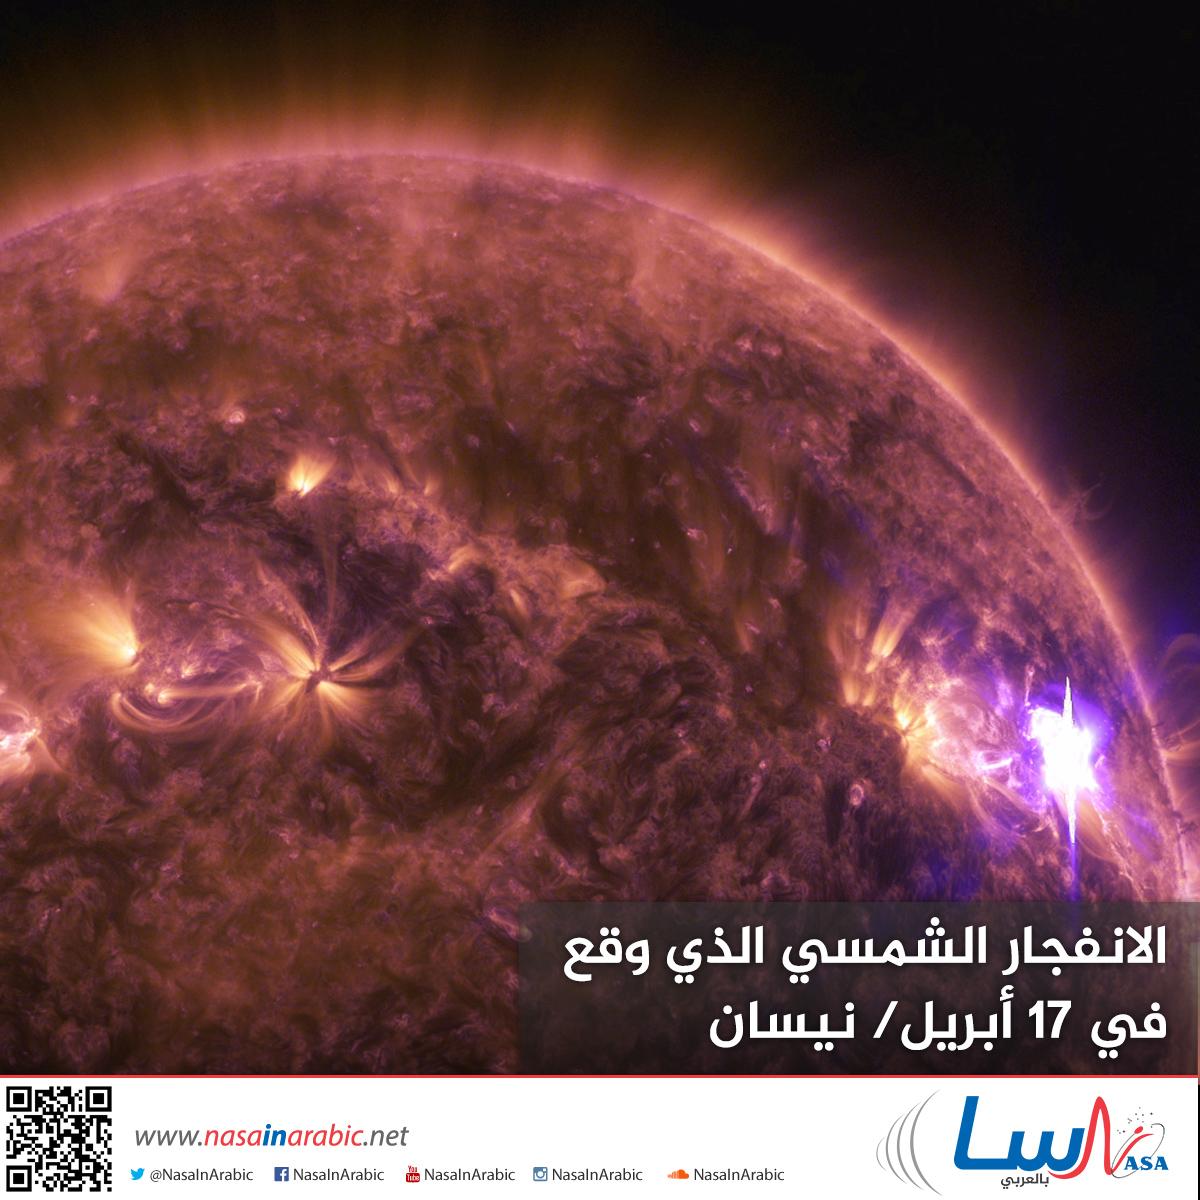 الانفجار الشمسي الذي وقع في 17 أبريل/ نيسان